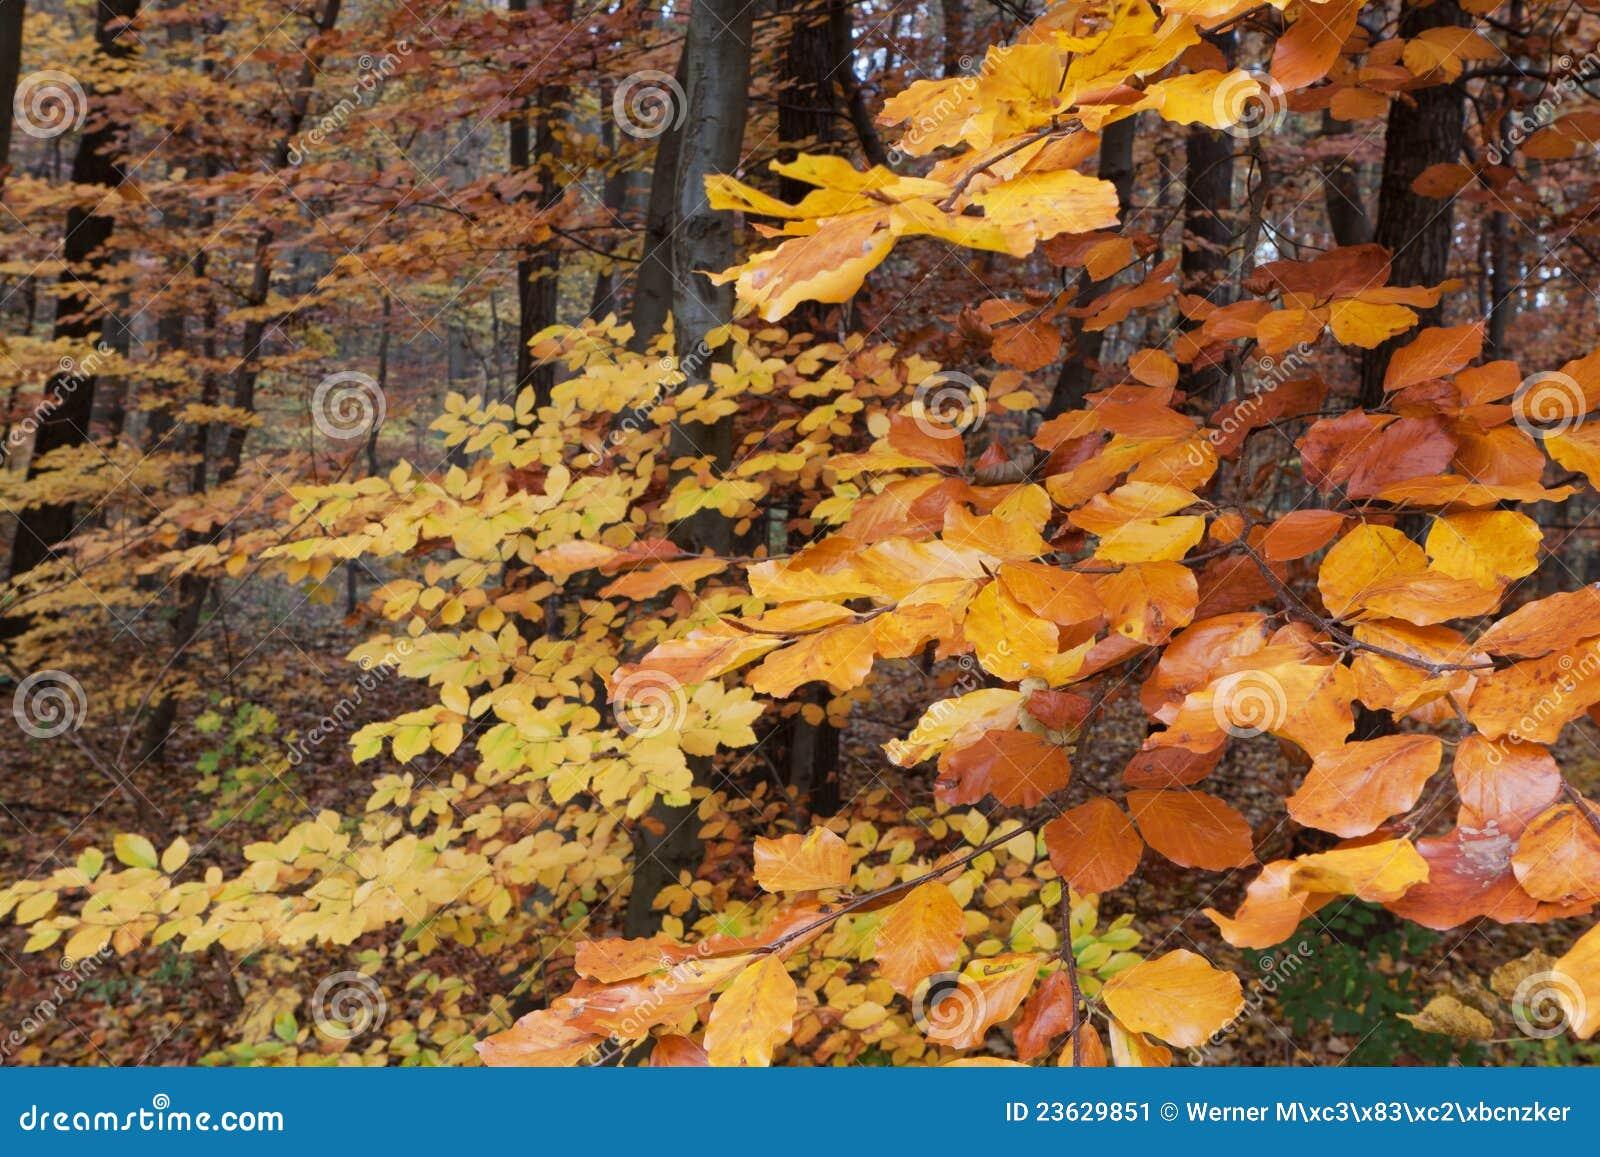 Arbre feuilles caduques en automne - Arbres a feuilles caduques ...